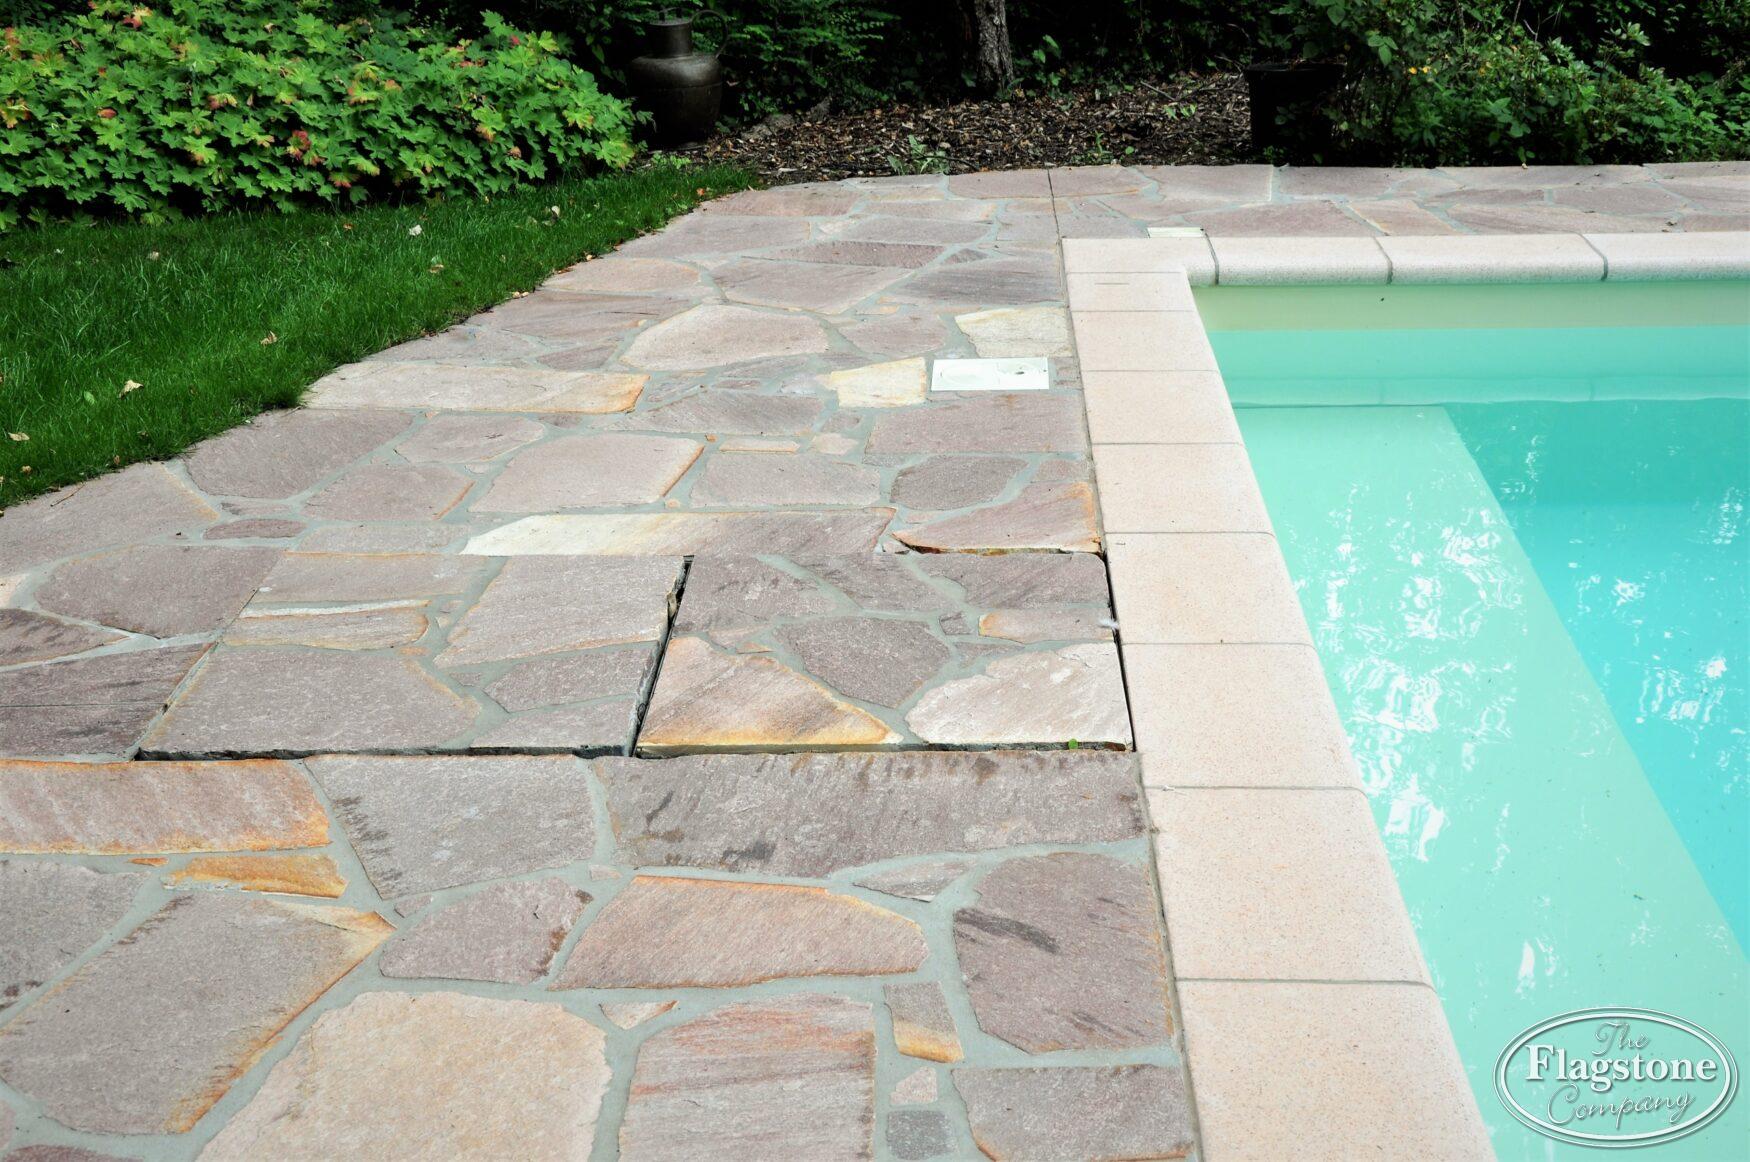 Fabulous Zwembadtegel met antislip. Kies Flagstones (Breukstenen) voor in IA31